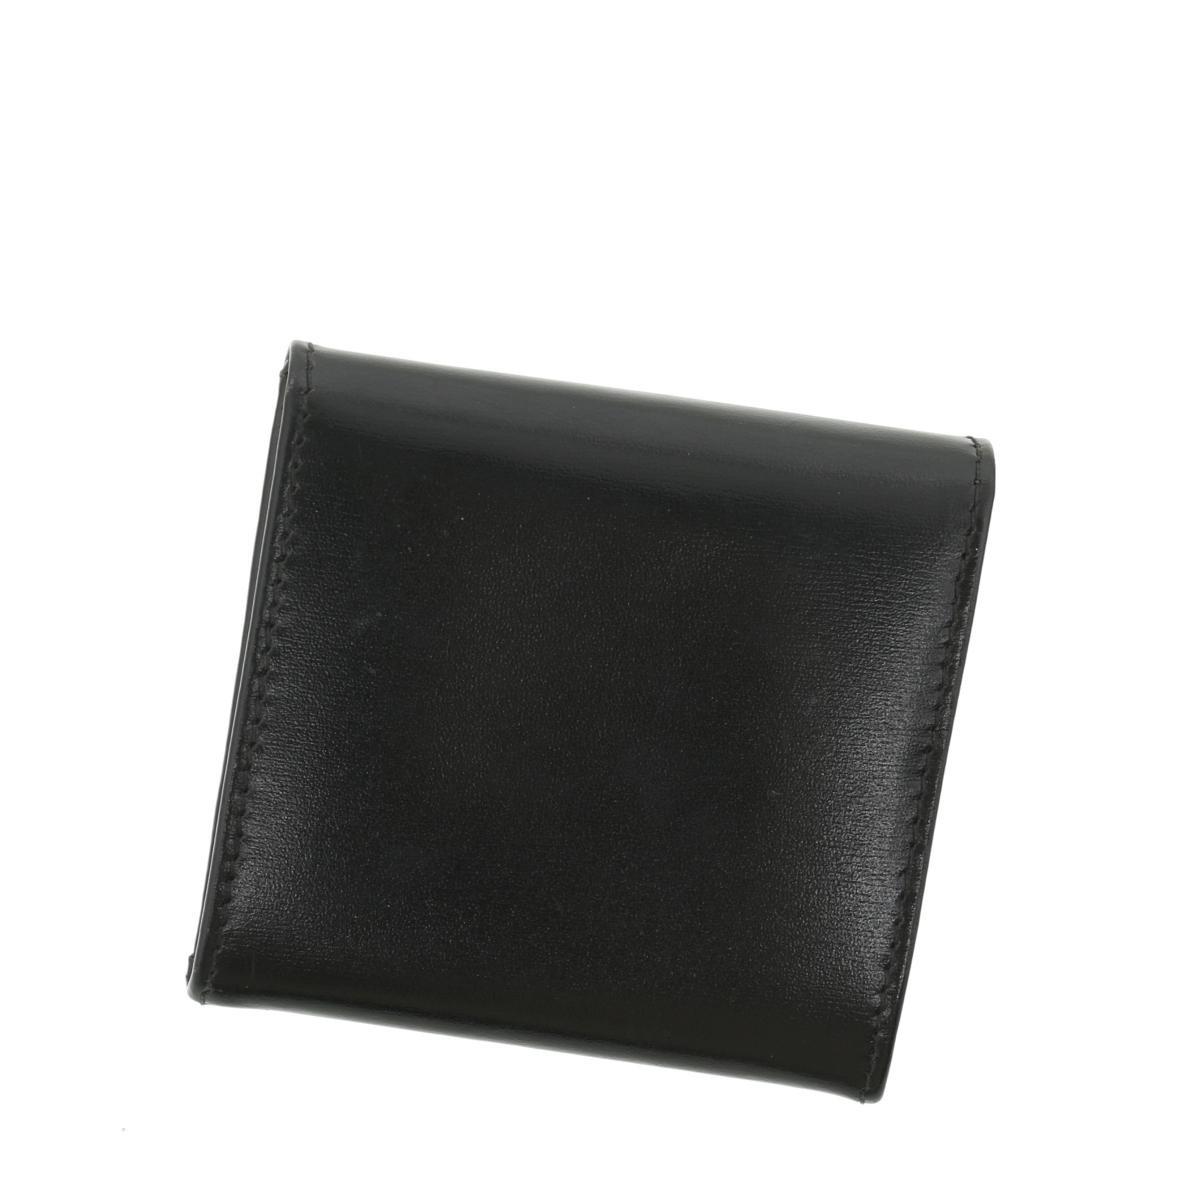 【中古】セリーヌ ヴィンテージ スターボール コインケース ブラック CELINE Vintage Star Ball Coin Case Black